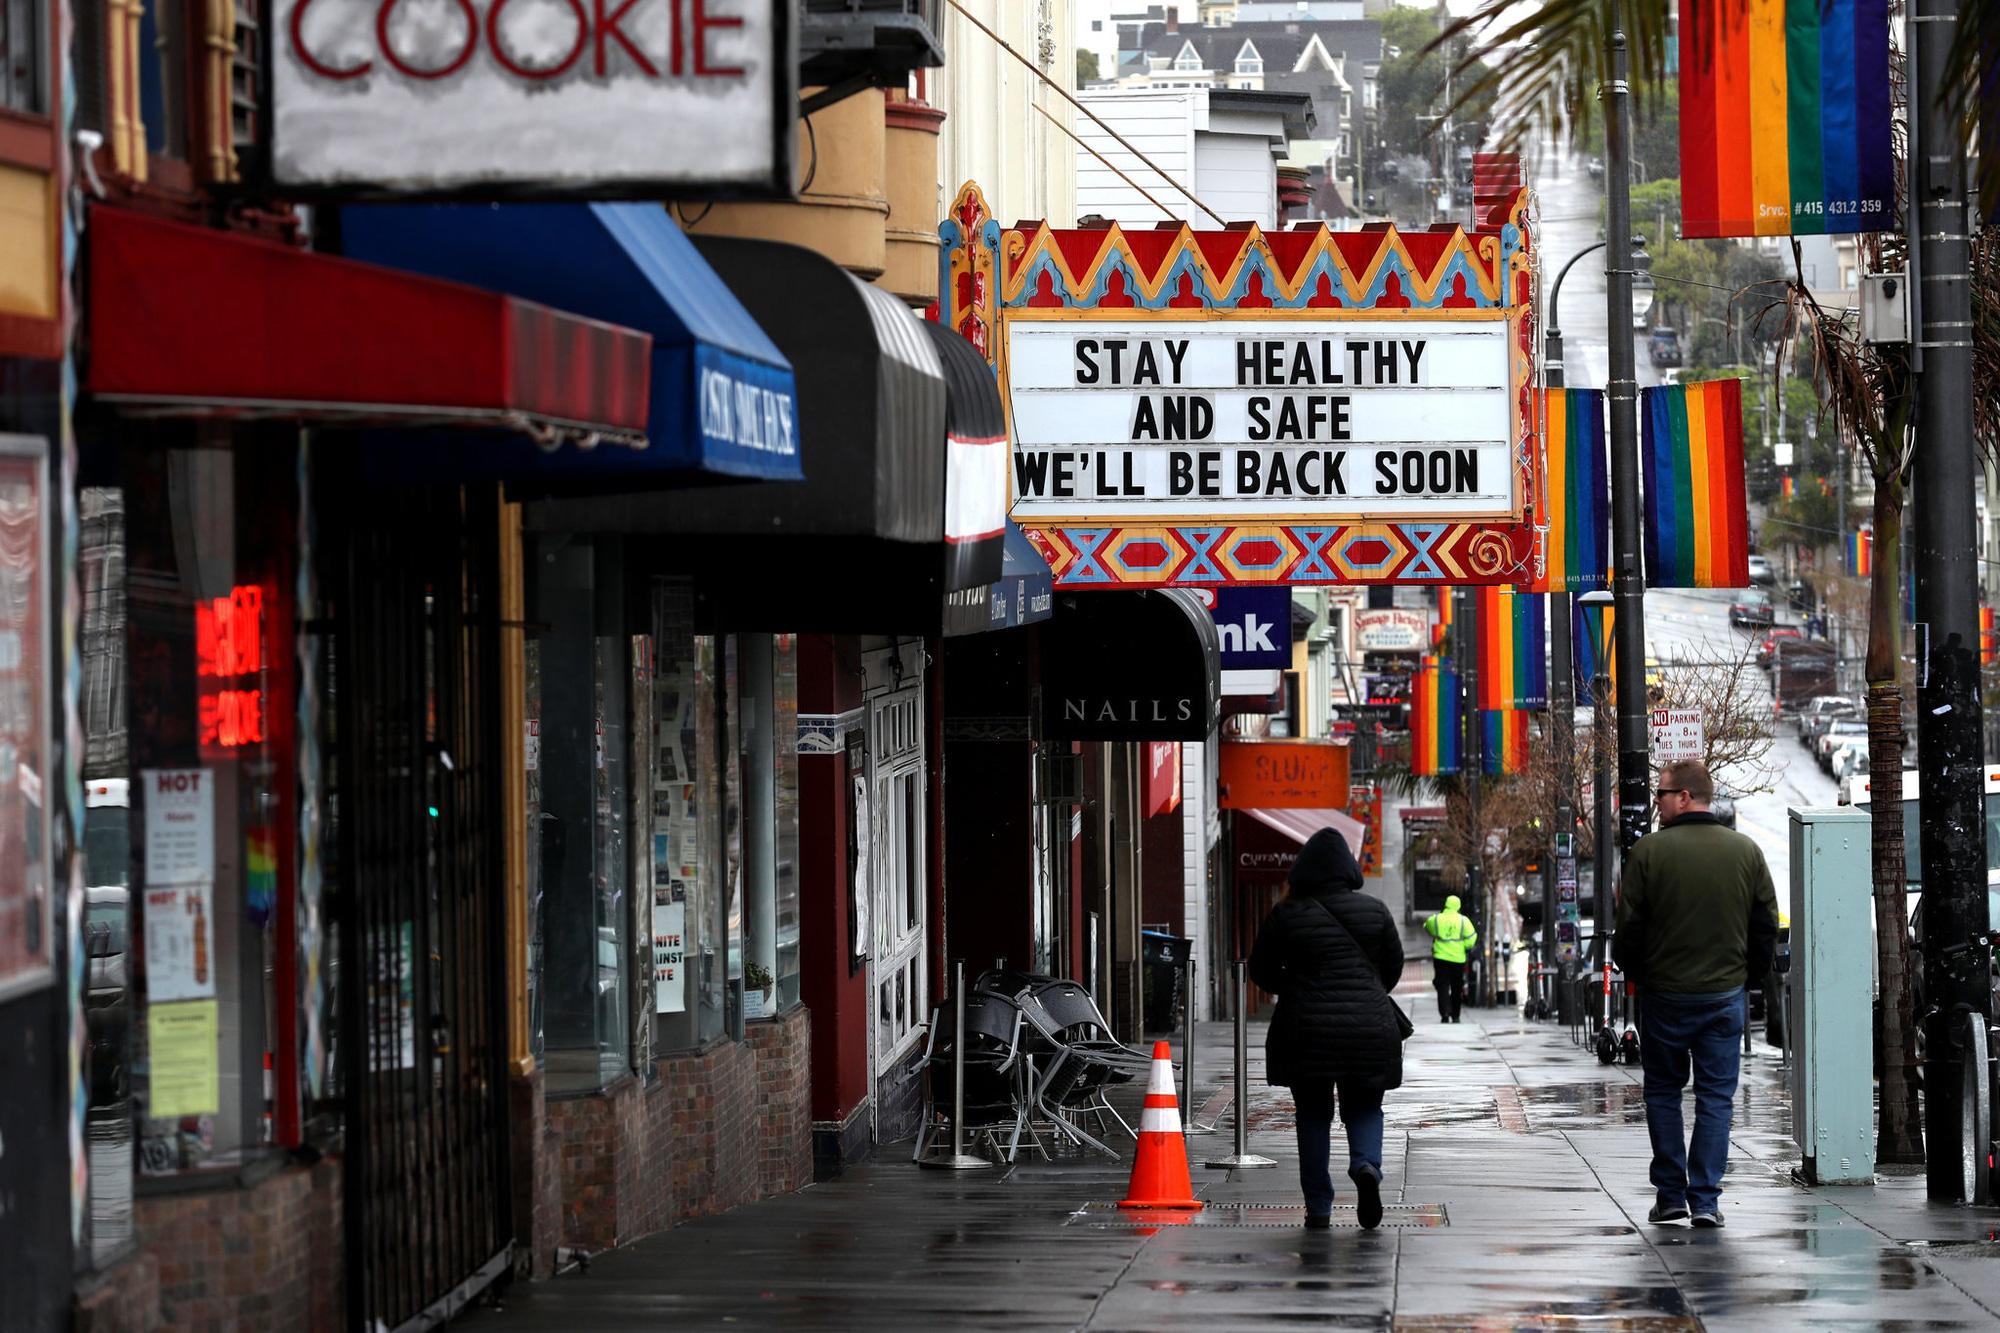 Một loạt các thành phố ở Mỹ đóng cửa khẩn cấp toàn bộ nhà hàng, quán bar trước đại dịch Covid - 19 - Ảnh 2.